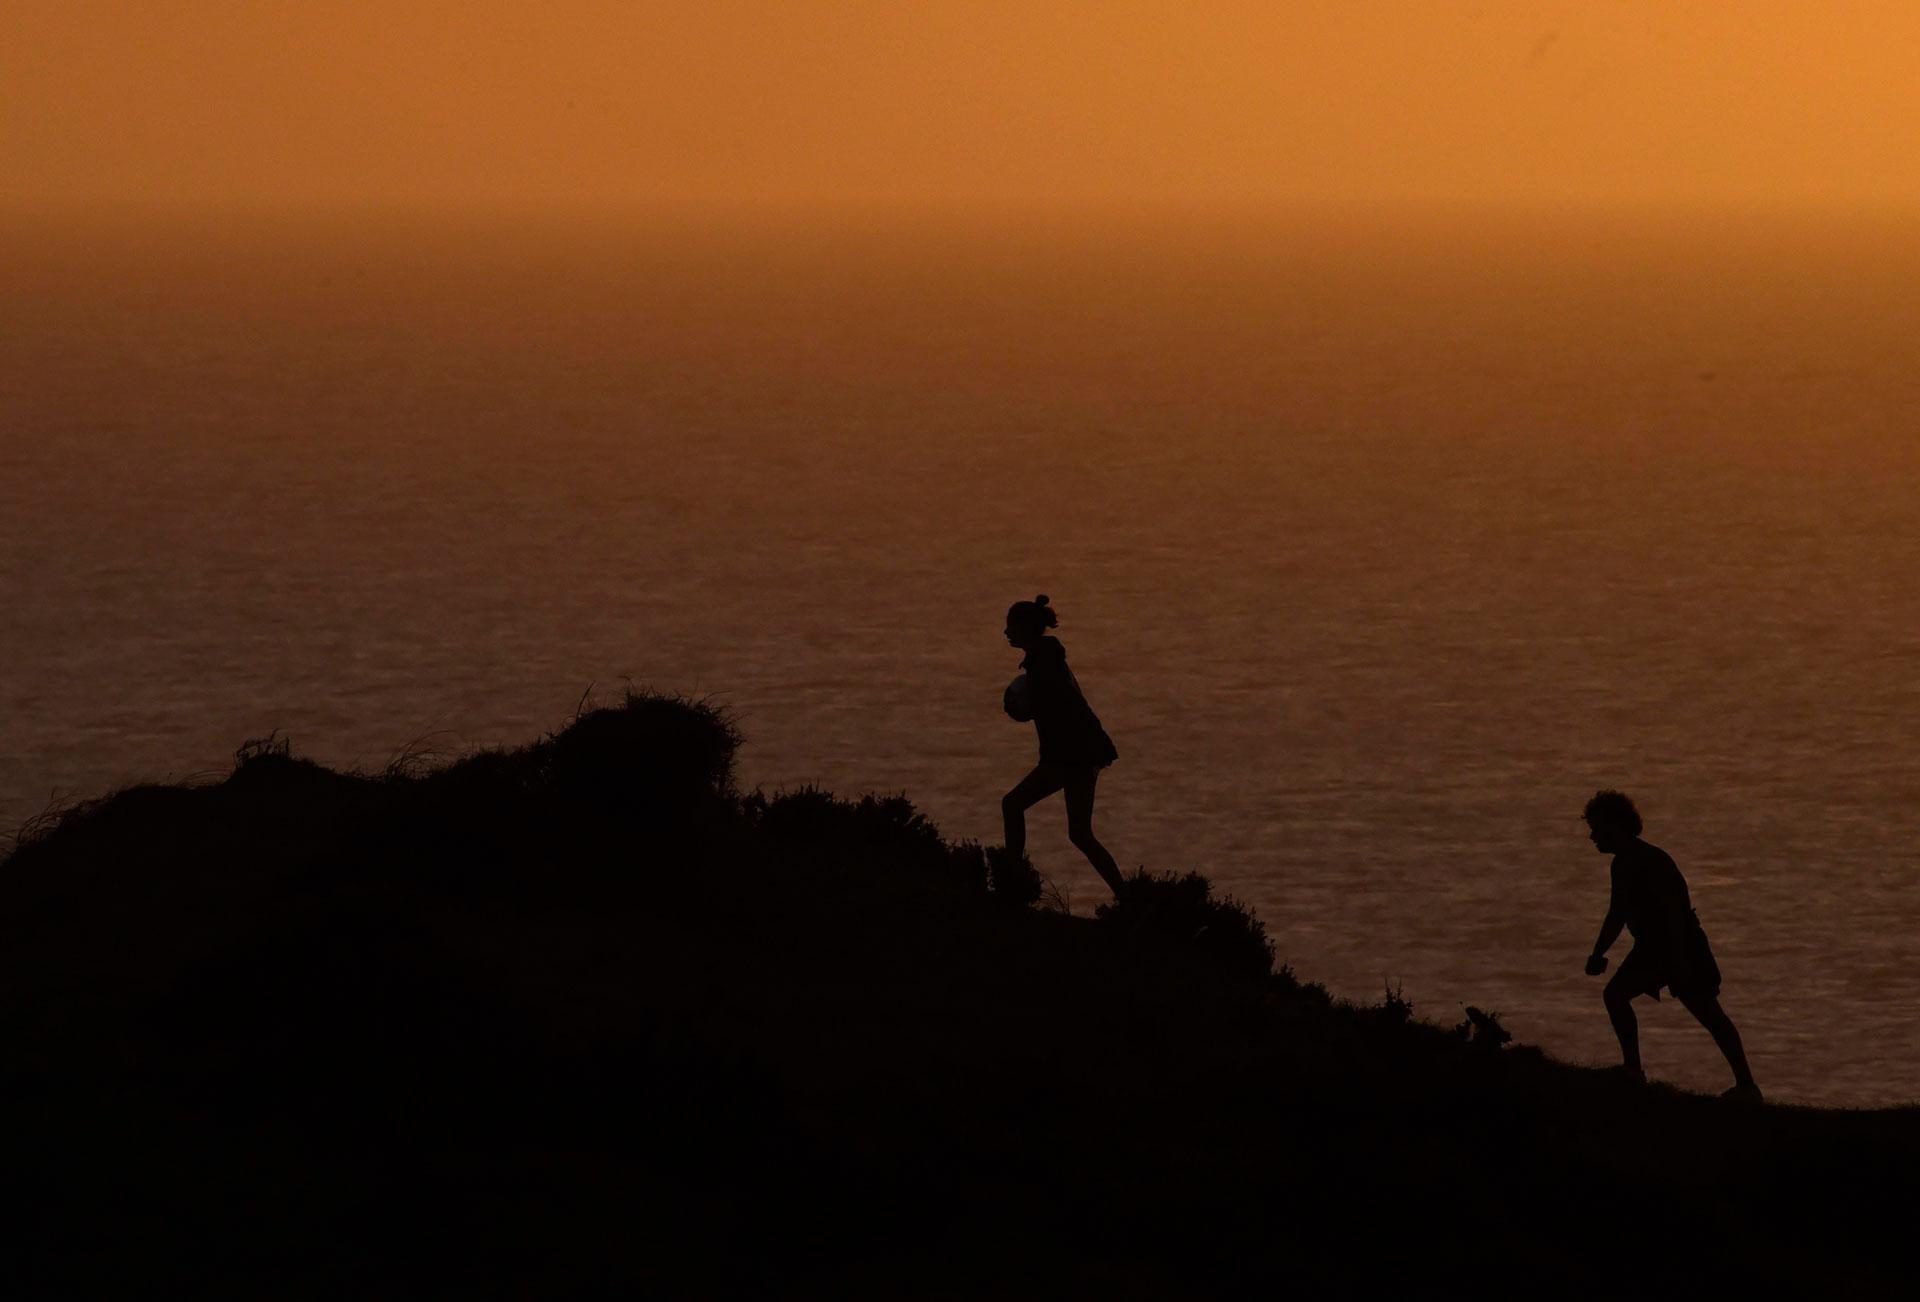 En la última semana, el turismo en la zona de Viedma y Carmen de Patagones se focalizó sobre las actividades en las playas. Caminatas, recorridos y descanso en medio de un intenso calor que en los próximos días promete descender